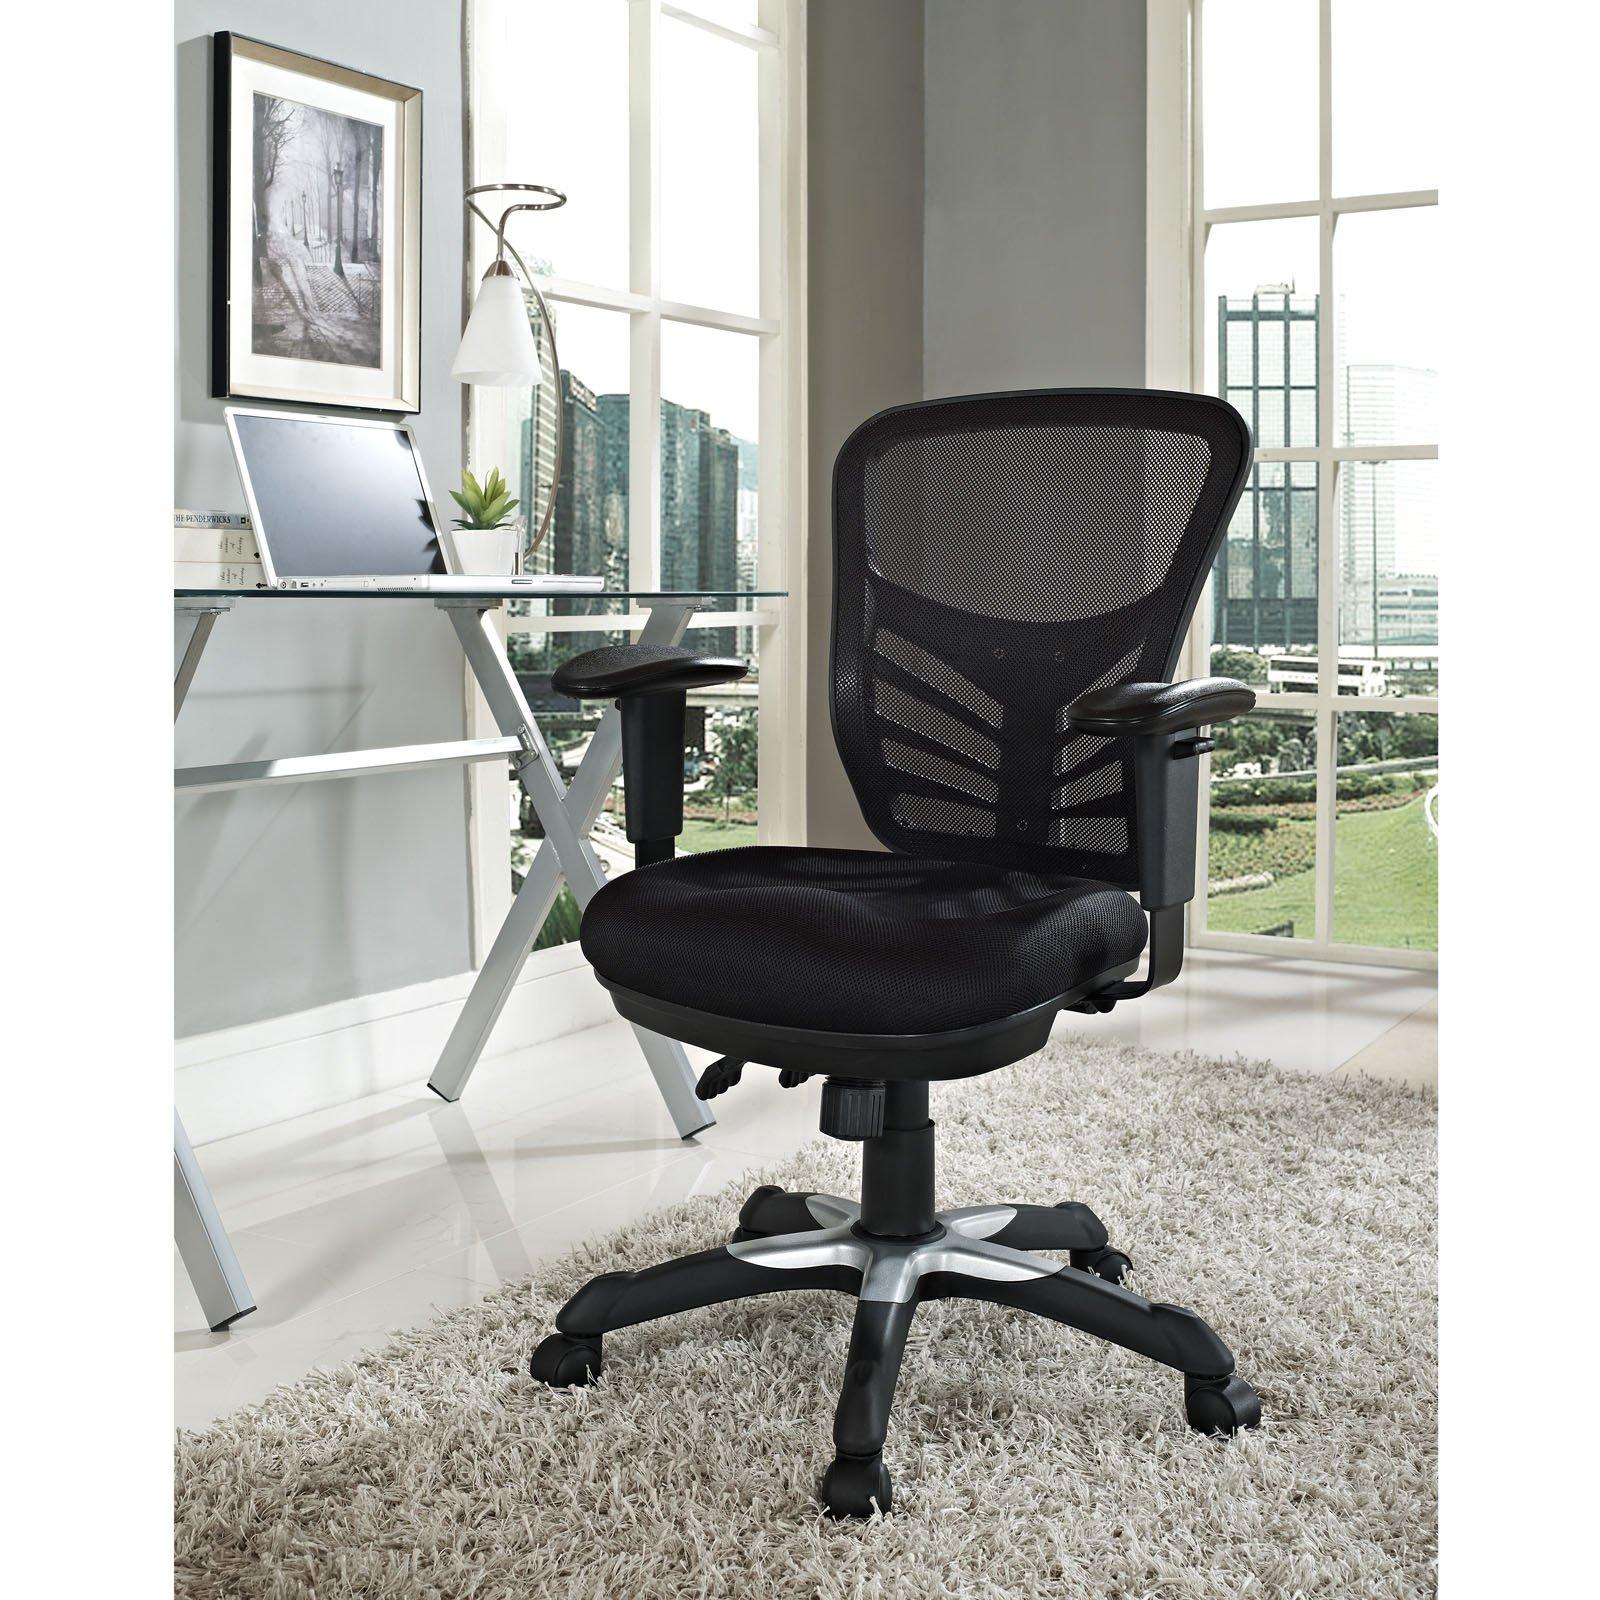 Modway Articulate Ergonomic Office Chair